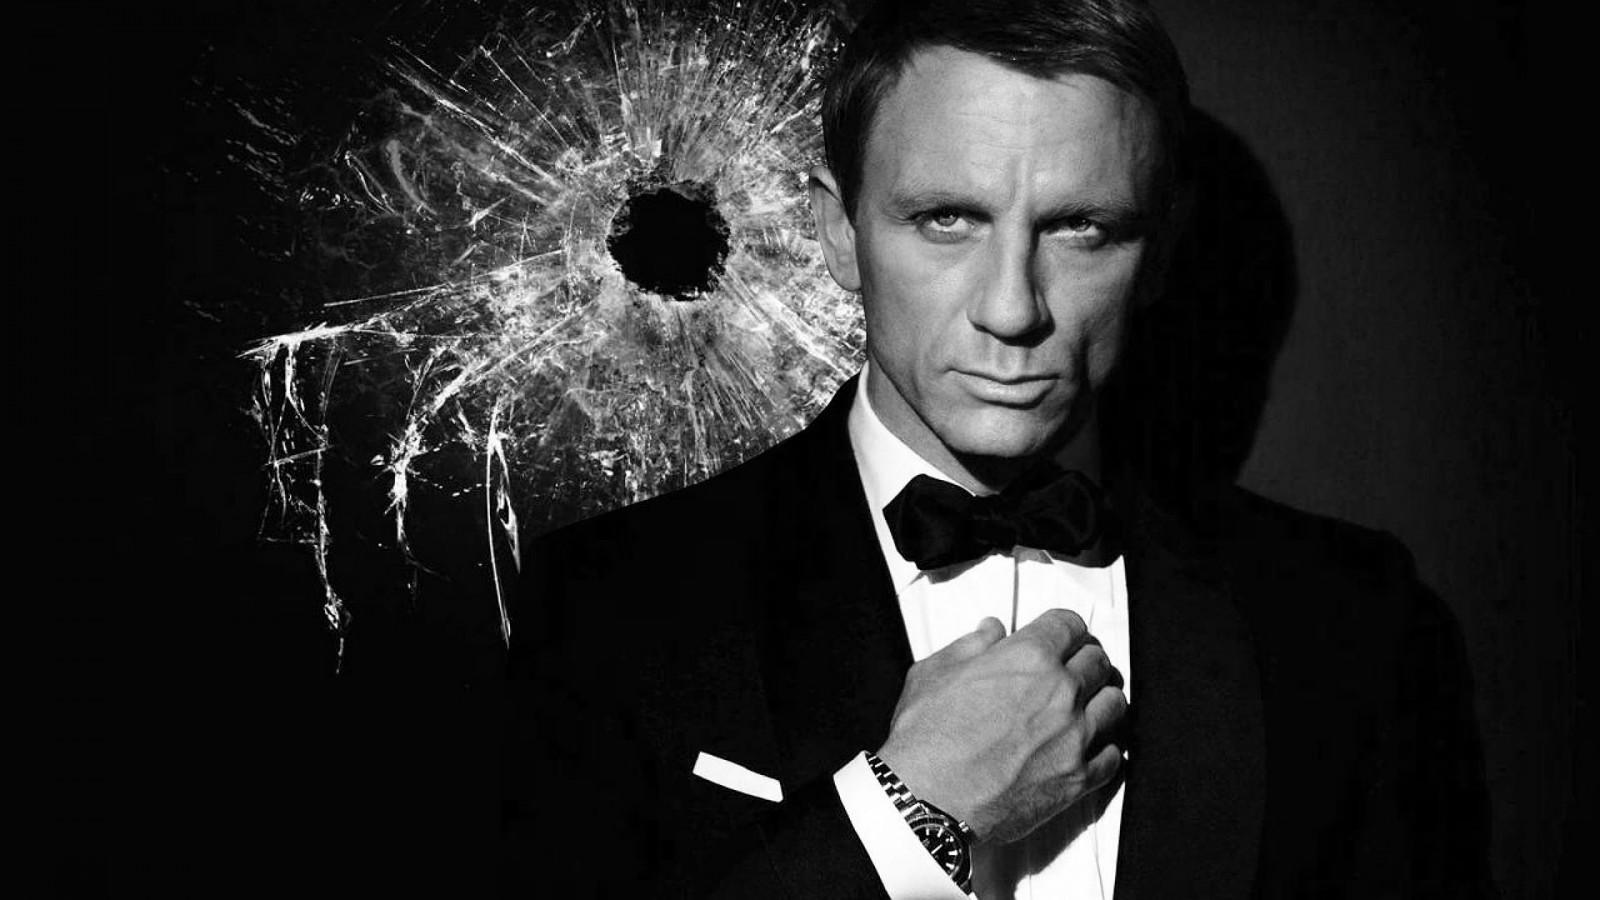 Τα τραγούδια του James Bond, από το χειρότερο ως το καλύτερο